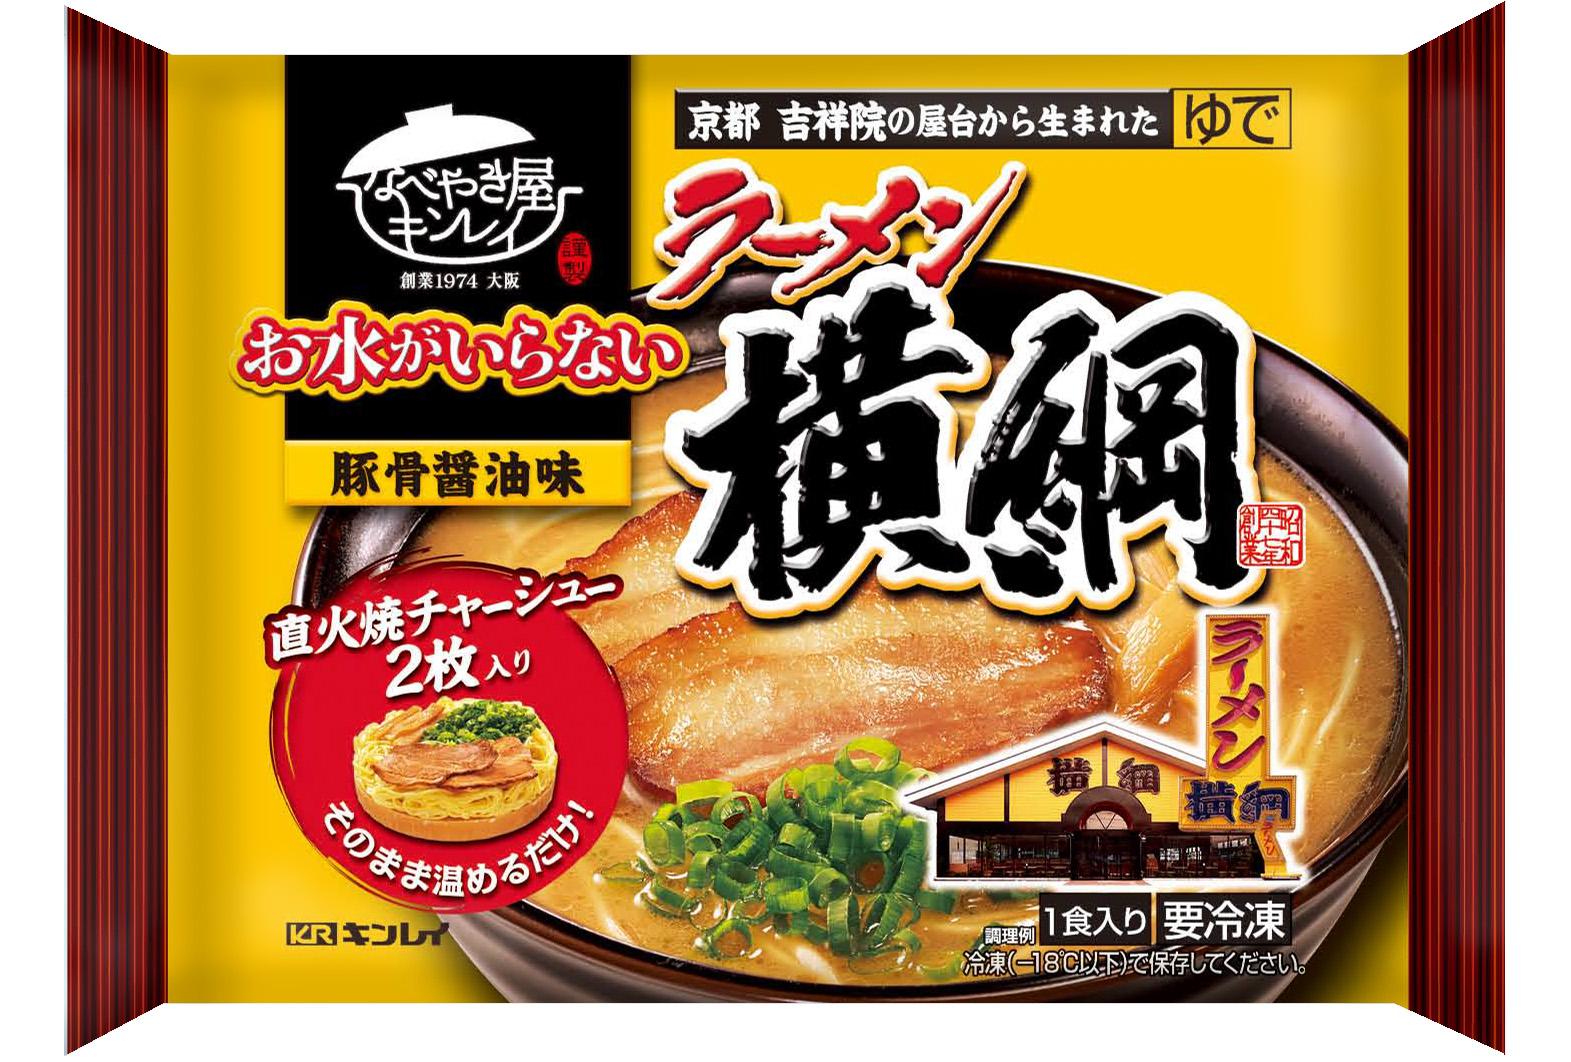 冷凍食品の最前線♪ 最強冷凍めん! テレビ朝日「スーパーJチャンネル」でご紹介